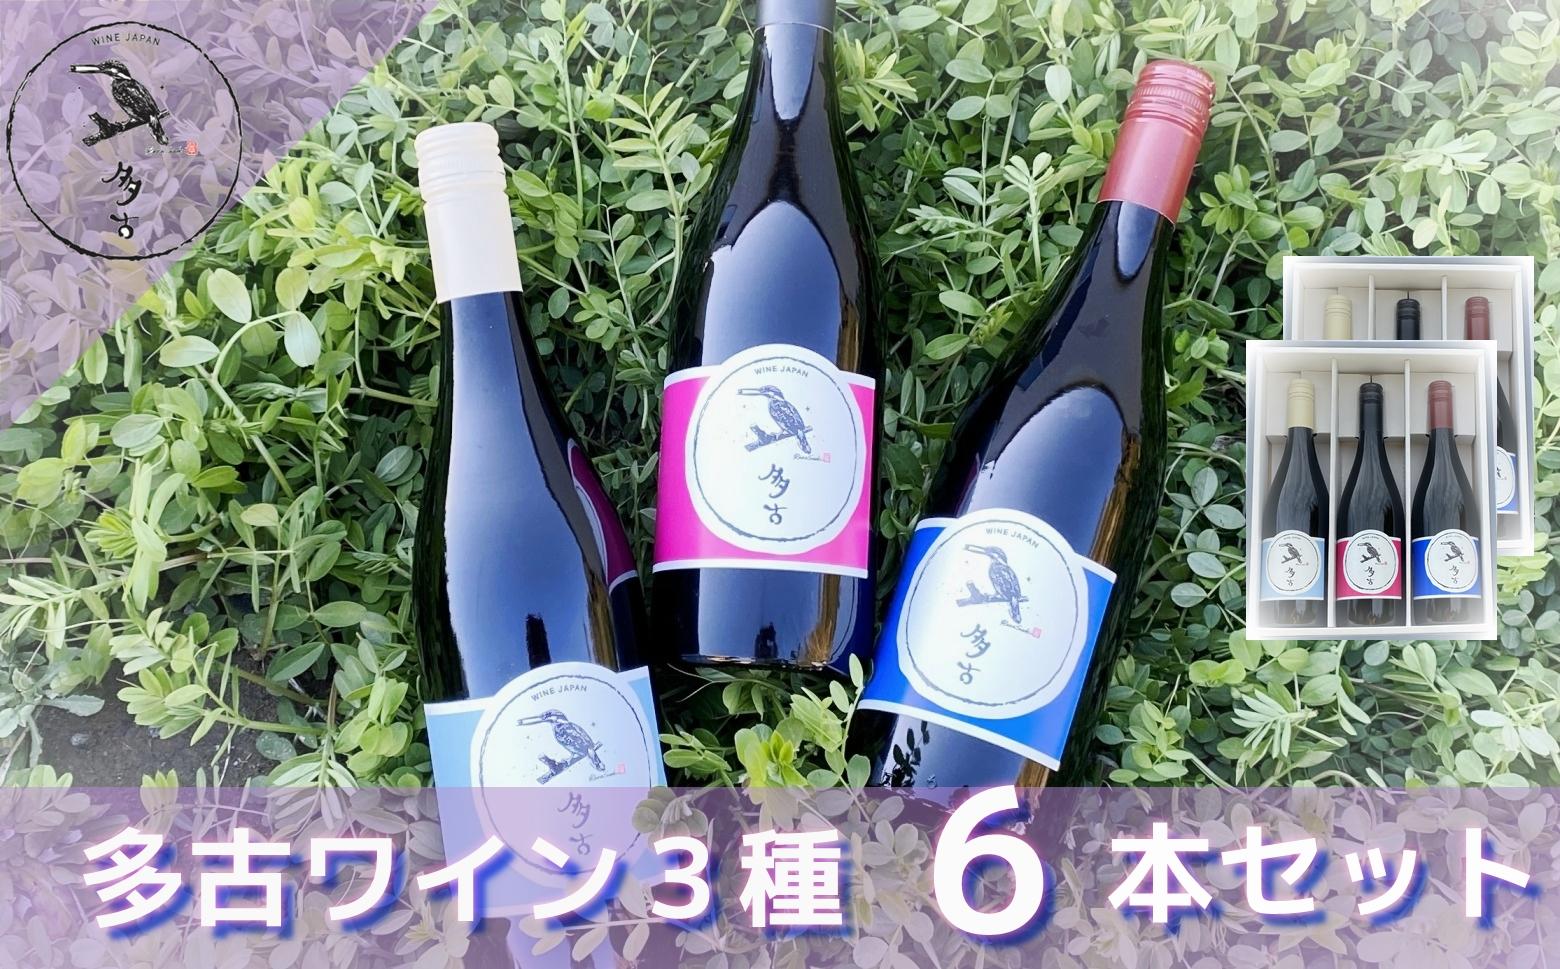 TKOH0-001 多古ワイン6本セット ピンクラベル・マスカットベーリーA/水色ラベル 濃青ラベル・山ぶどう 日本ワイン